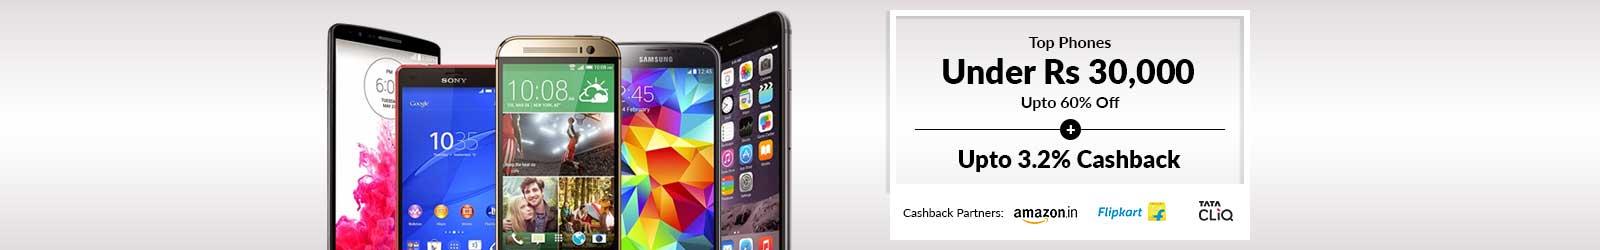 479fd037032 Mobiles Under Rs 30000 in India  10 Best Phones below 30000 (60% Off ...